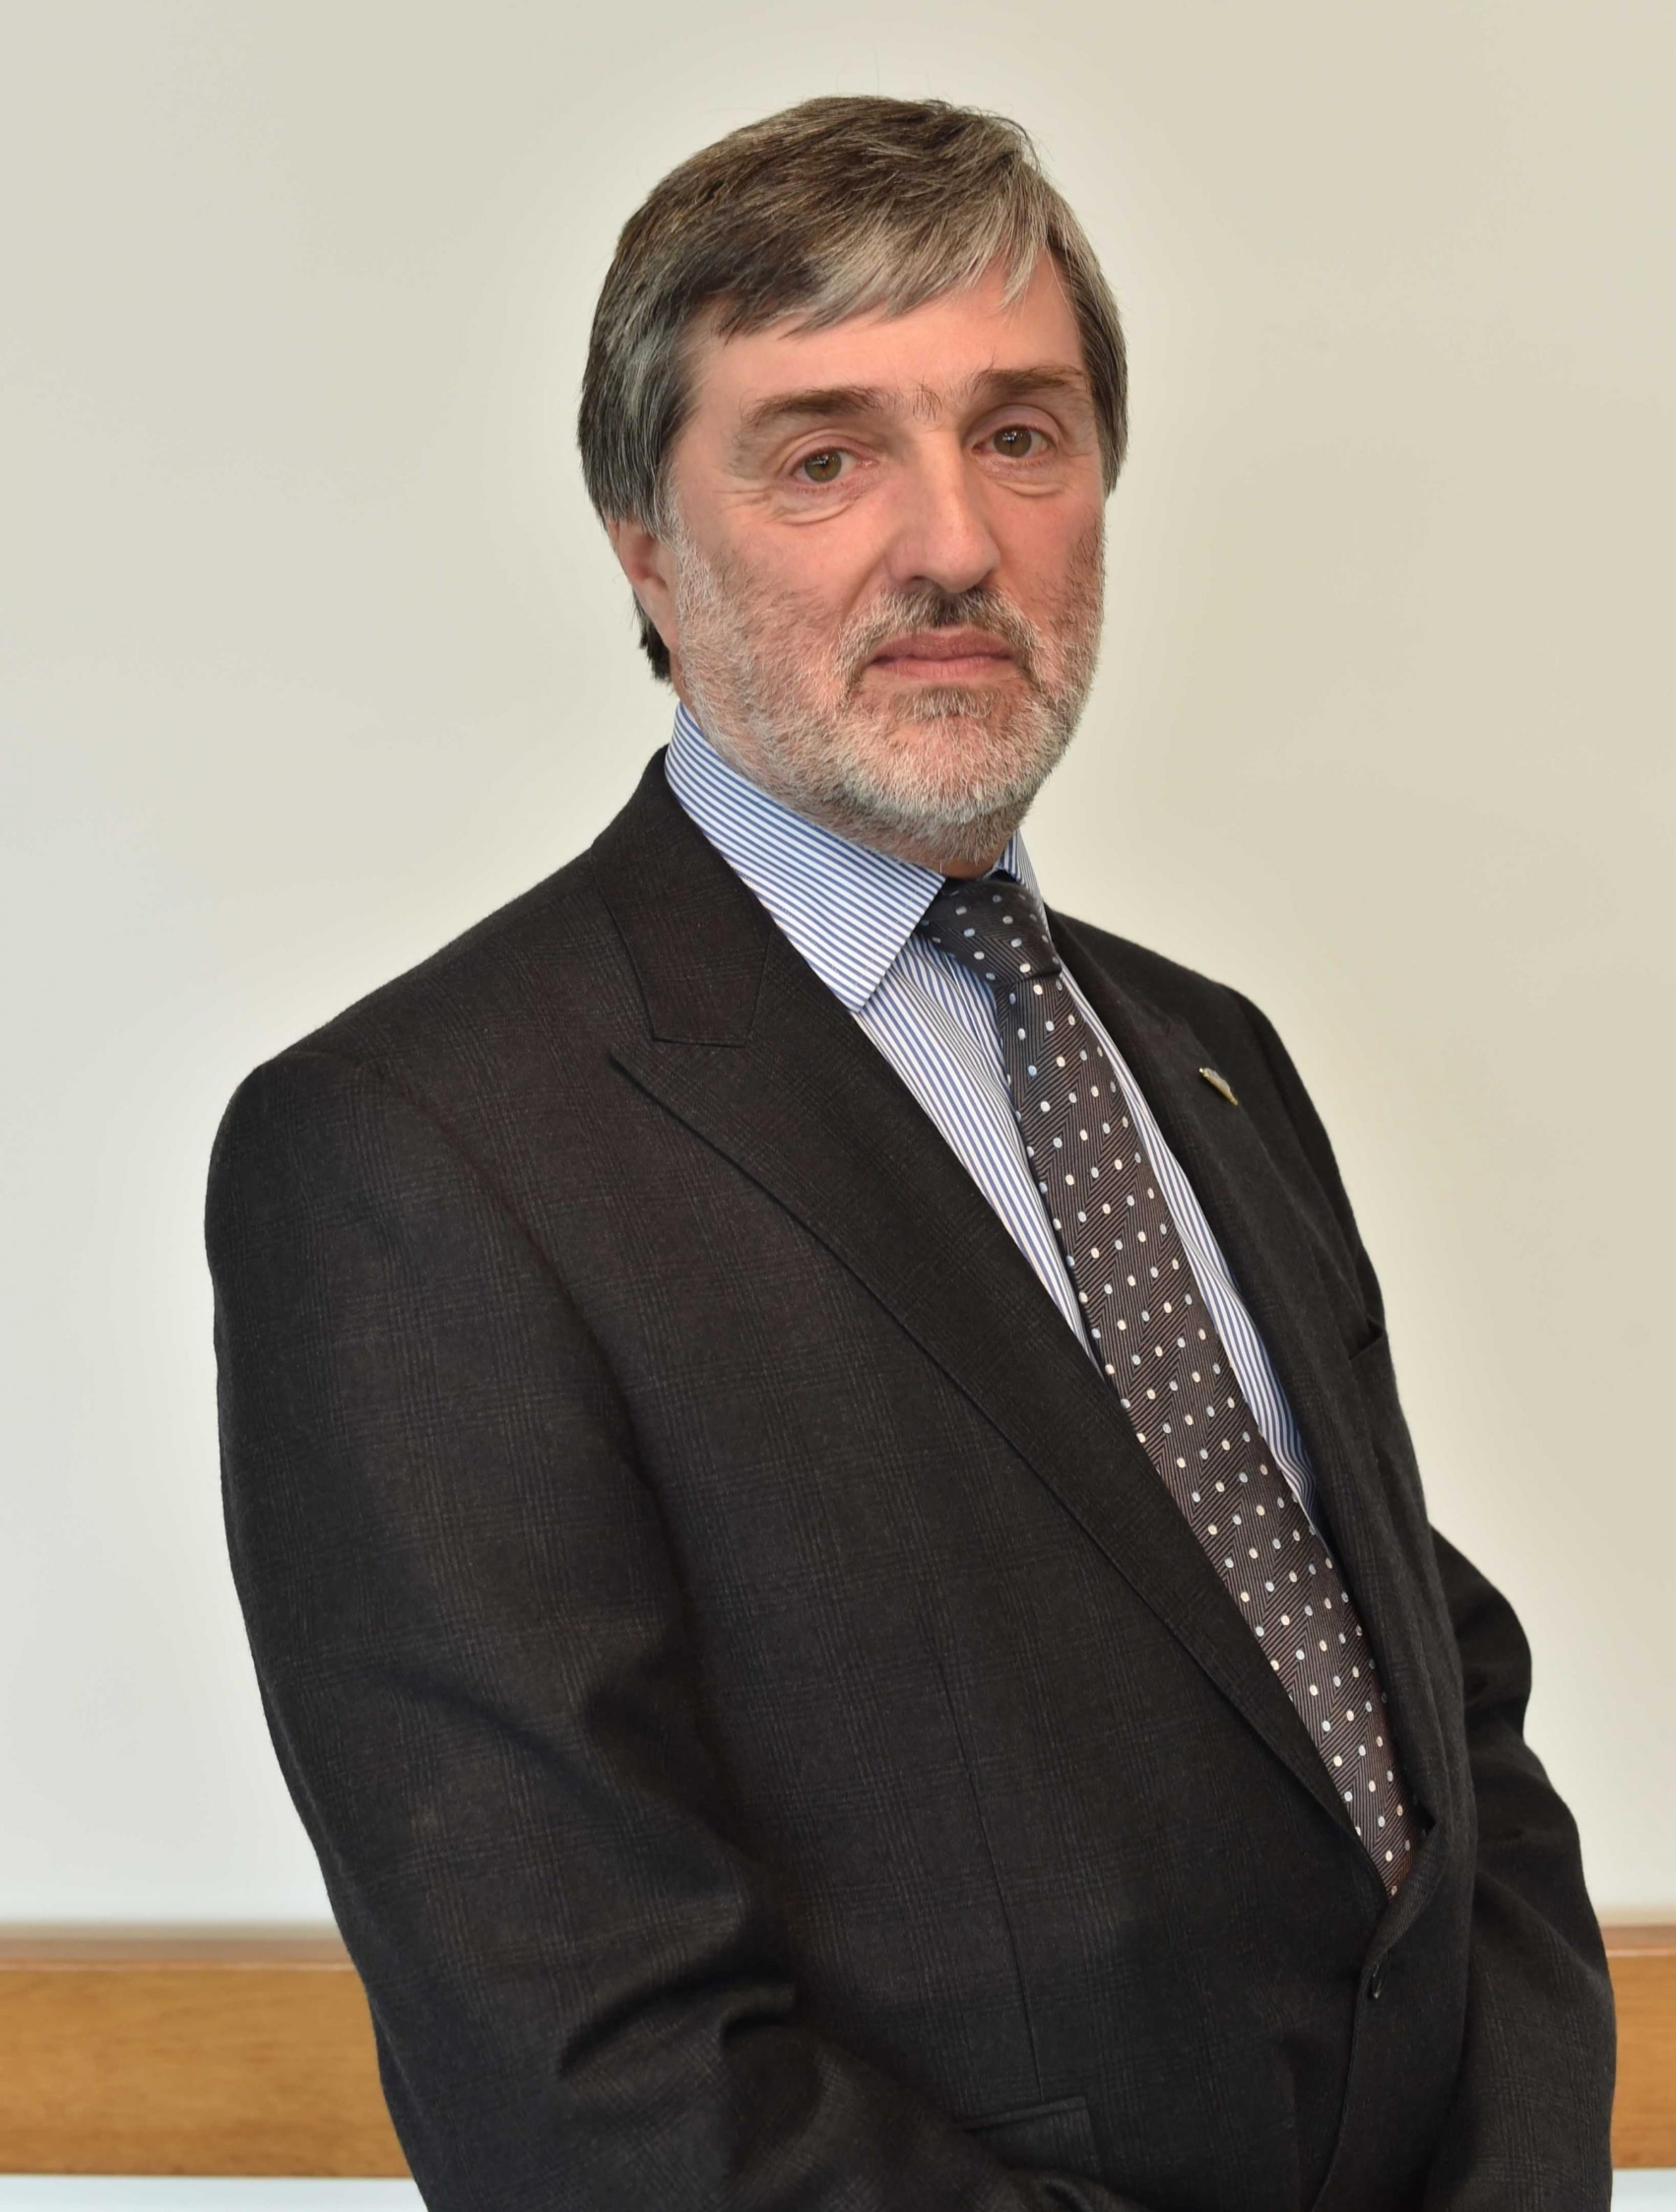 Rob Tinlin